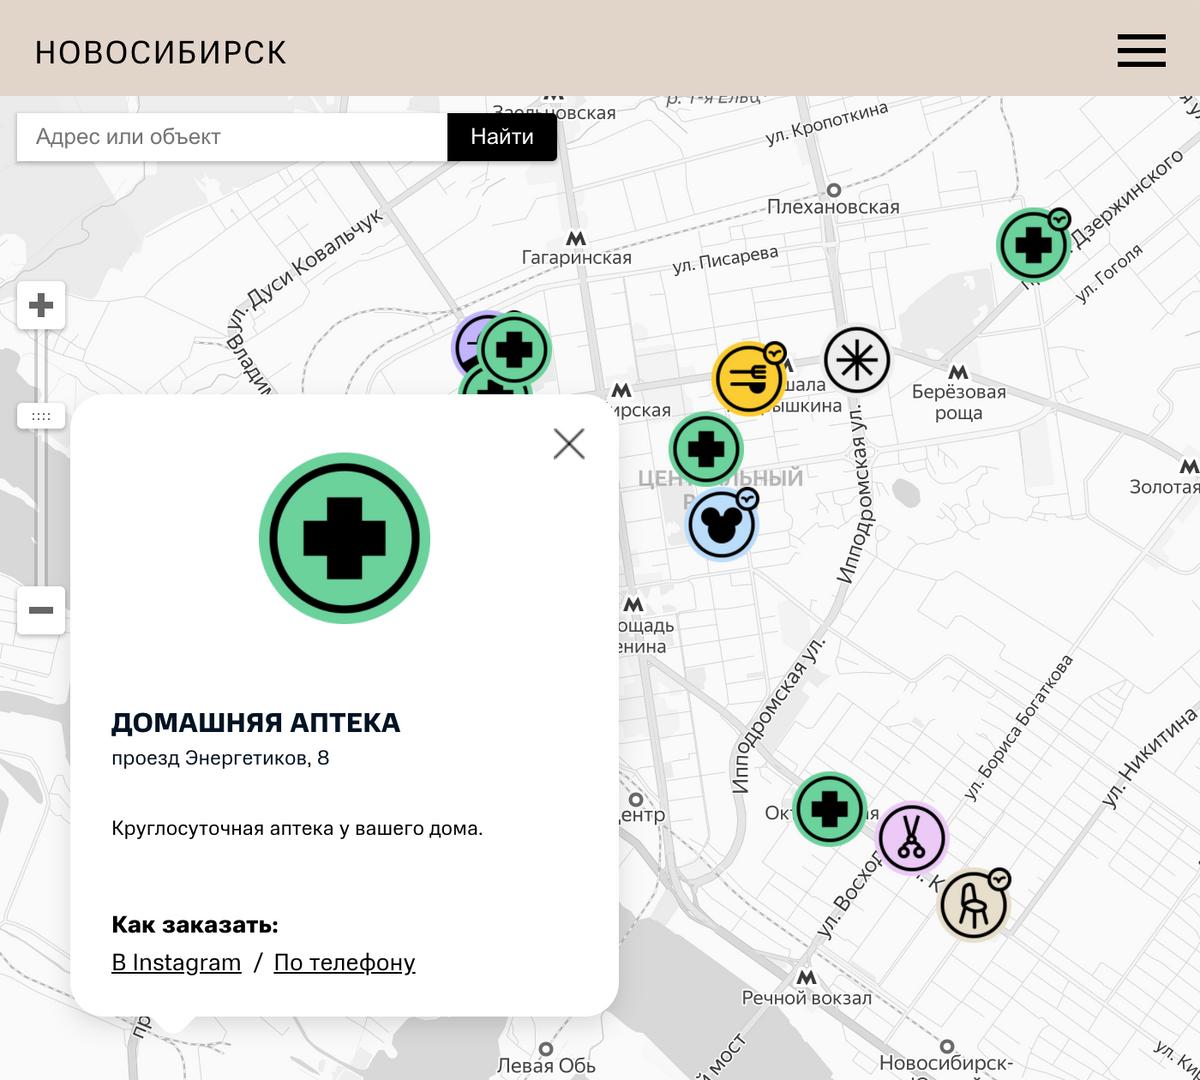 На карте собраны не только кафе, но и продуктовые магазины, цветочные лавки, автосервисы и мастерские в 19 городах России